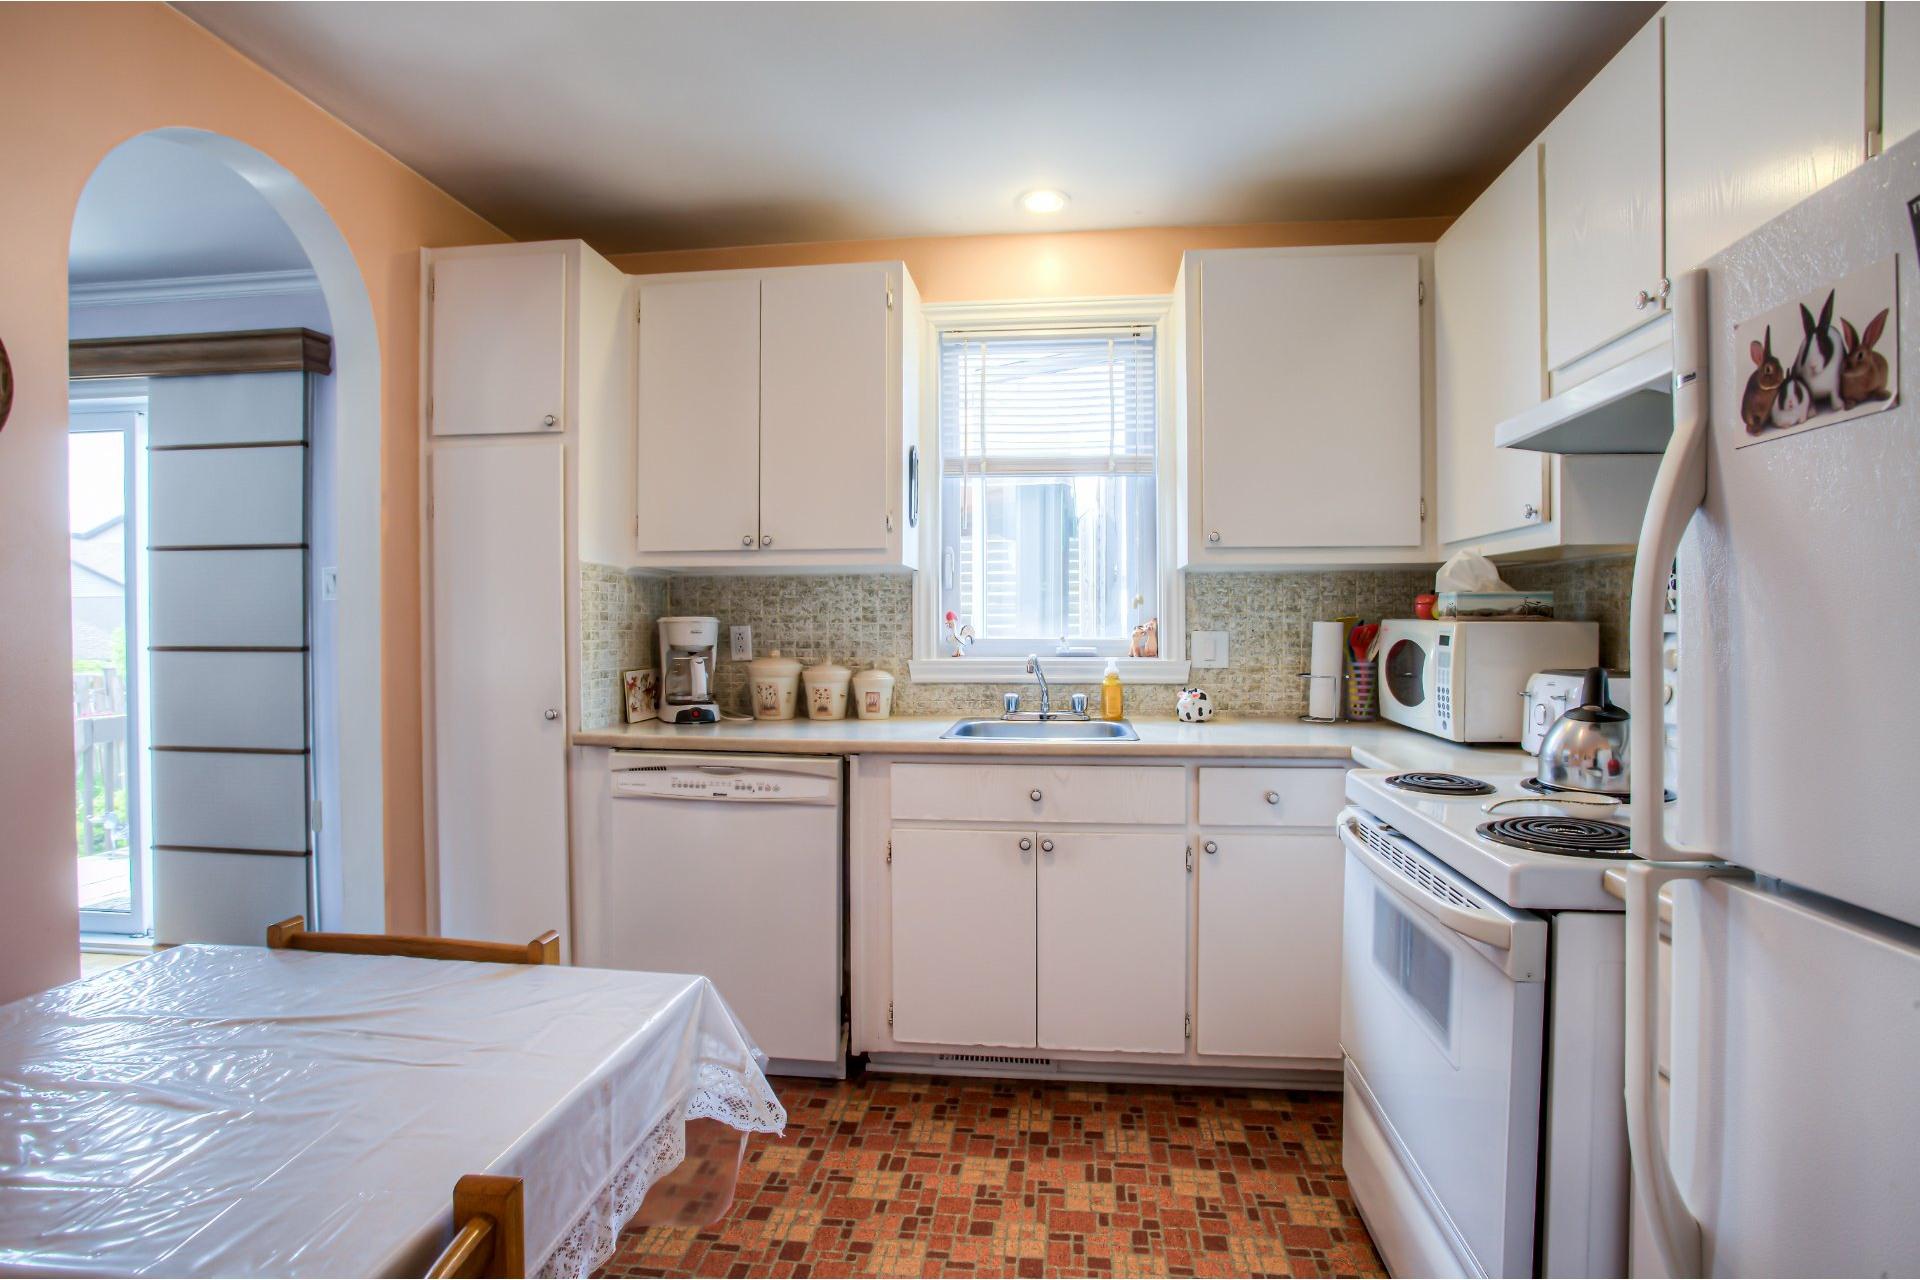 image 9 - Maison À vendre Pierrefonds-Roxboro Montréal  - 10 pièces